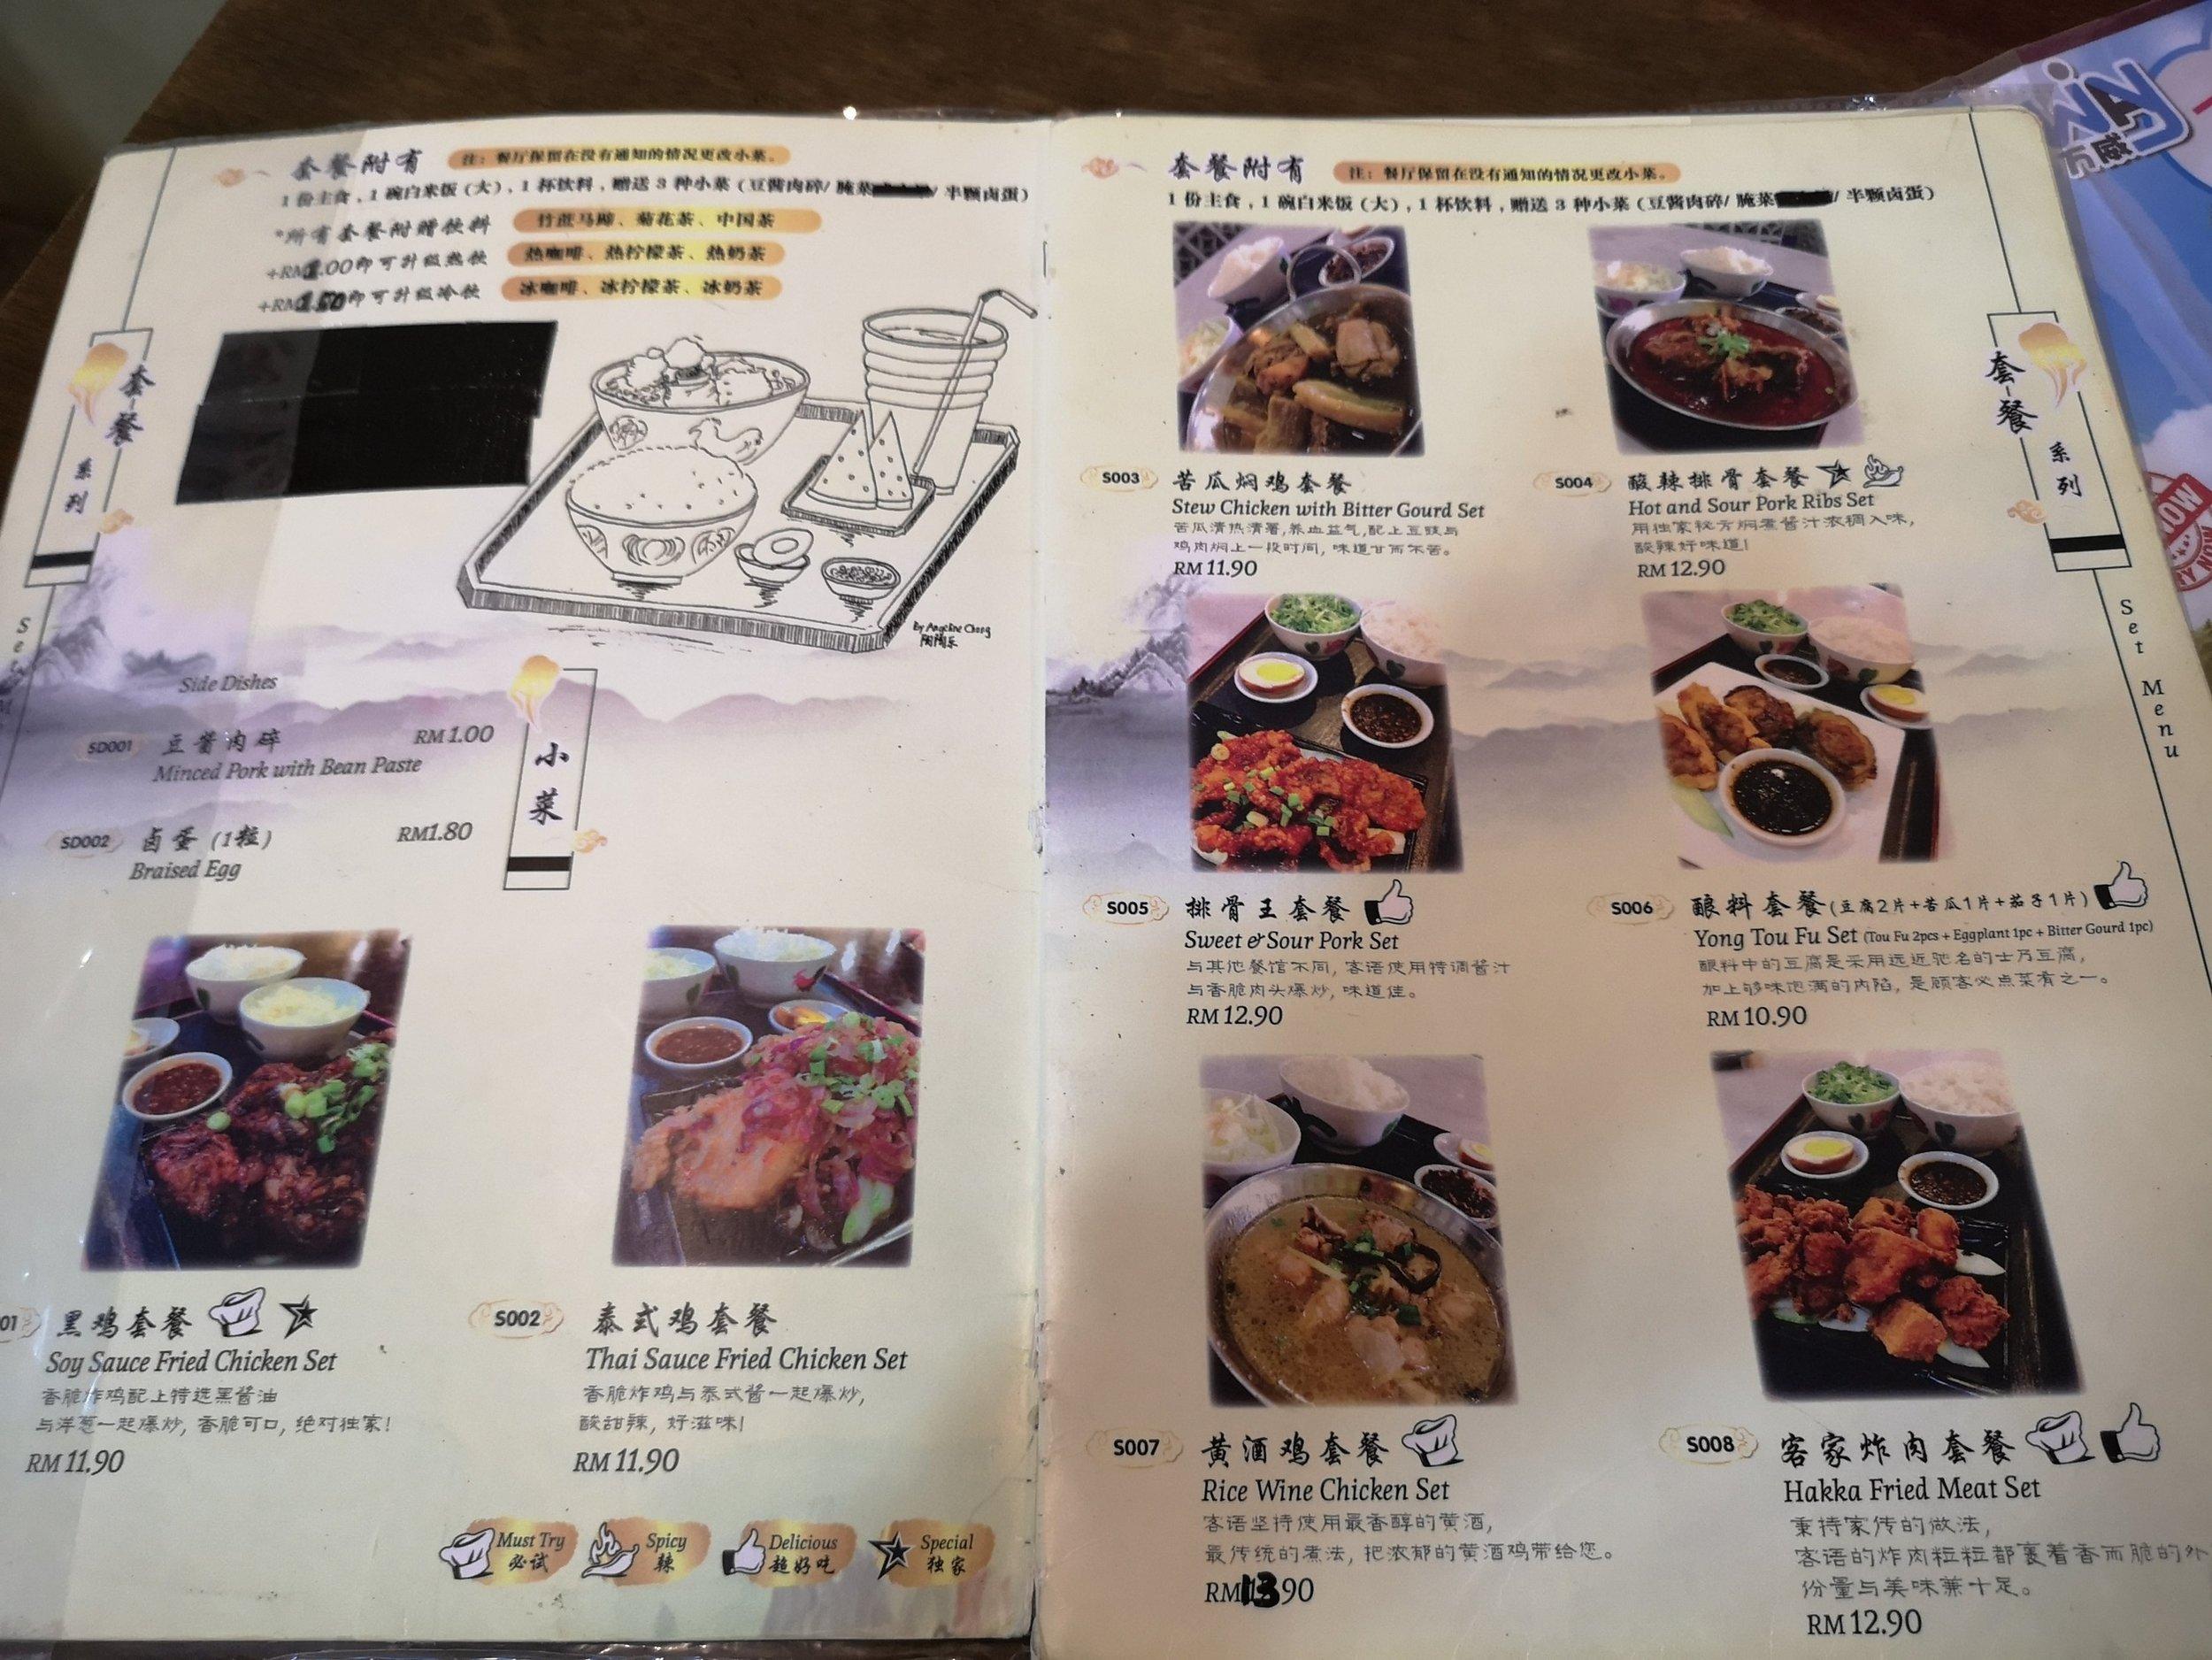 Hakka+Traditional+Foods+Menu+Gelang+Patah